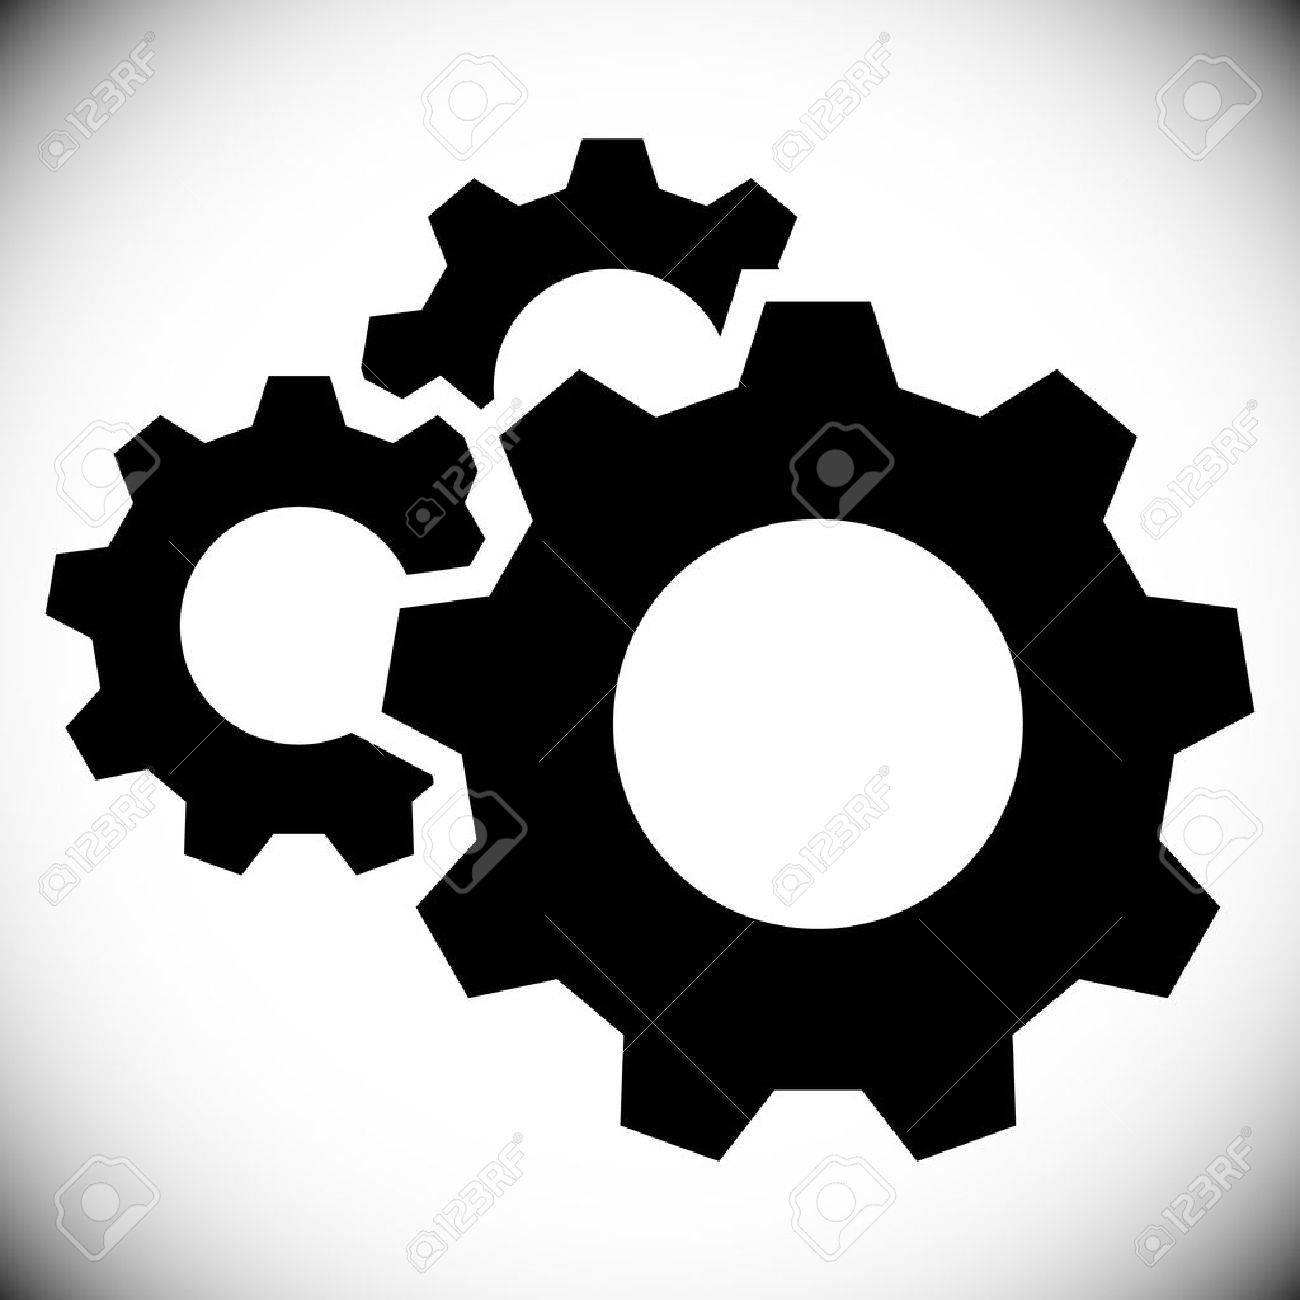 Gears, gear wheels, cog wheels on white - 48275031